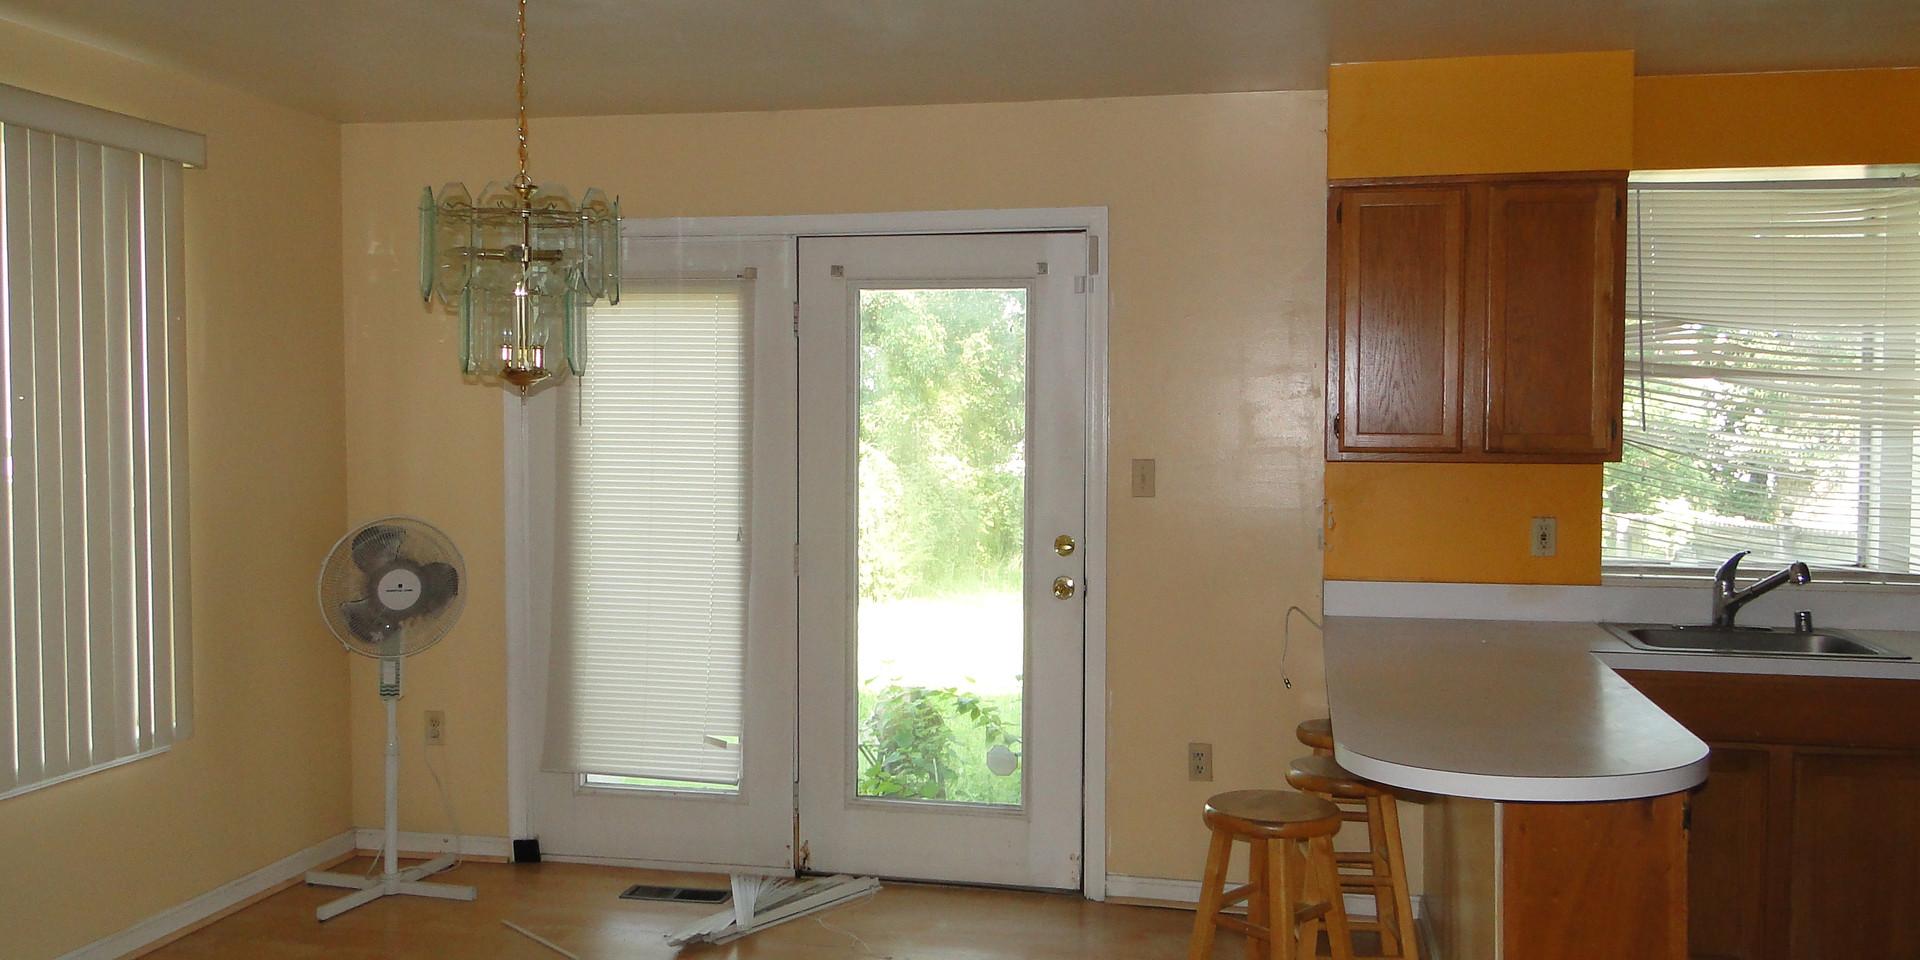 08 - Dining Room.JPG